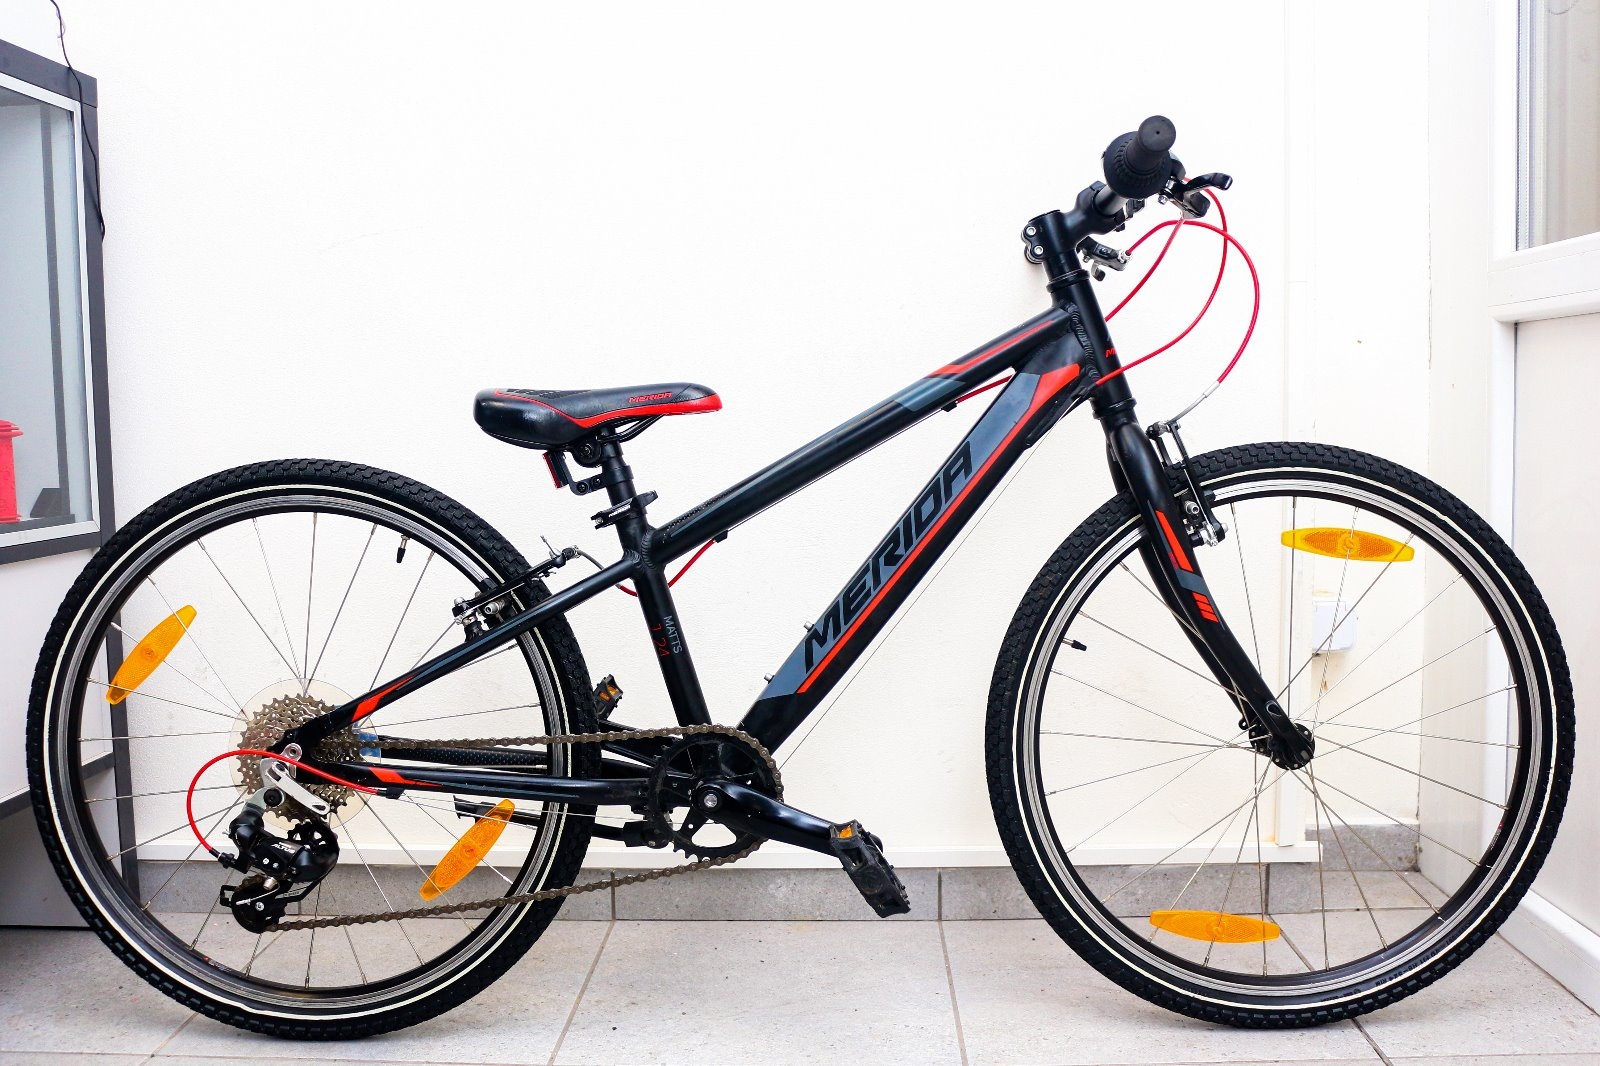 9f81c4e7d8a8 Predám detský juniorský bicykel merida 24 hliník